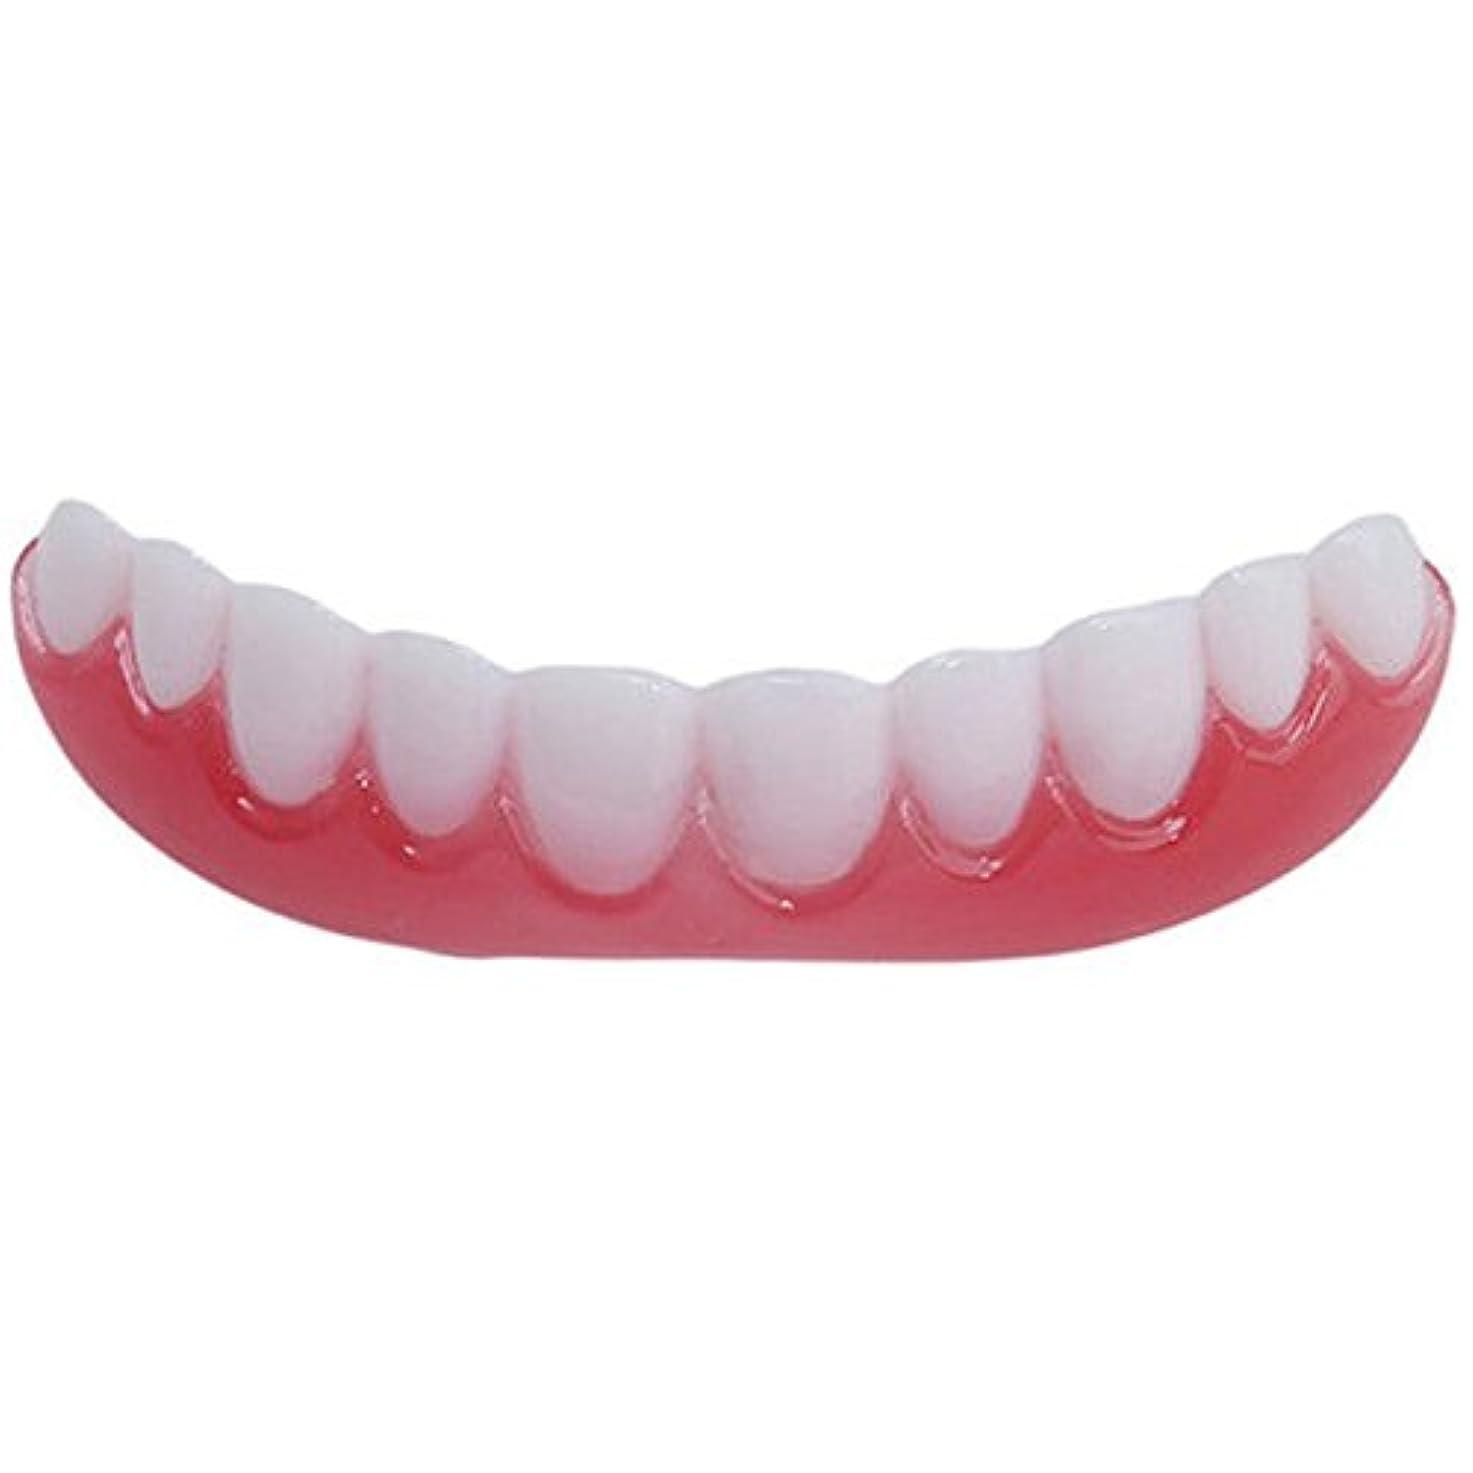 半円公平なキャンプFashionwu 矯正 義歯 シリコン スマイル ベニア シミュレーション フレックス ペースト